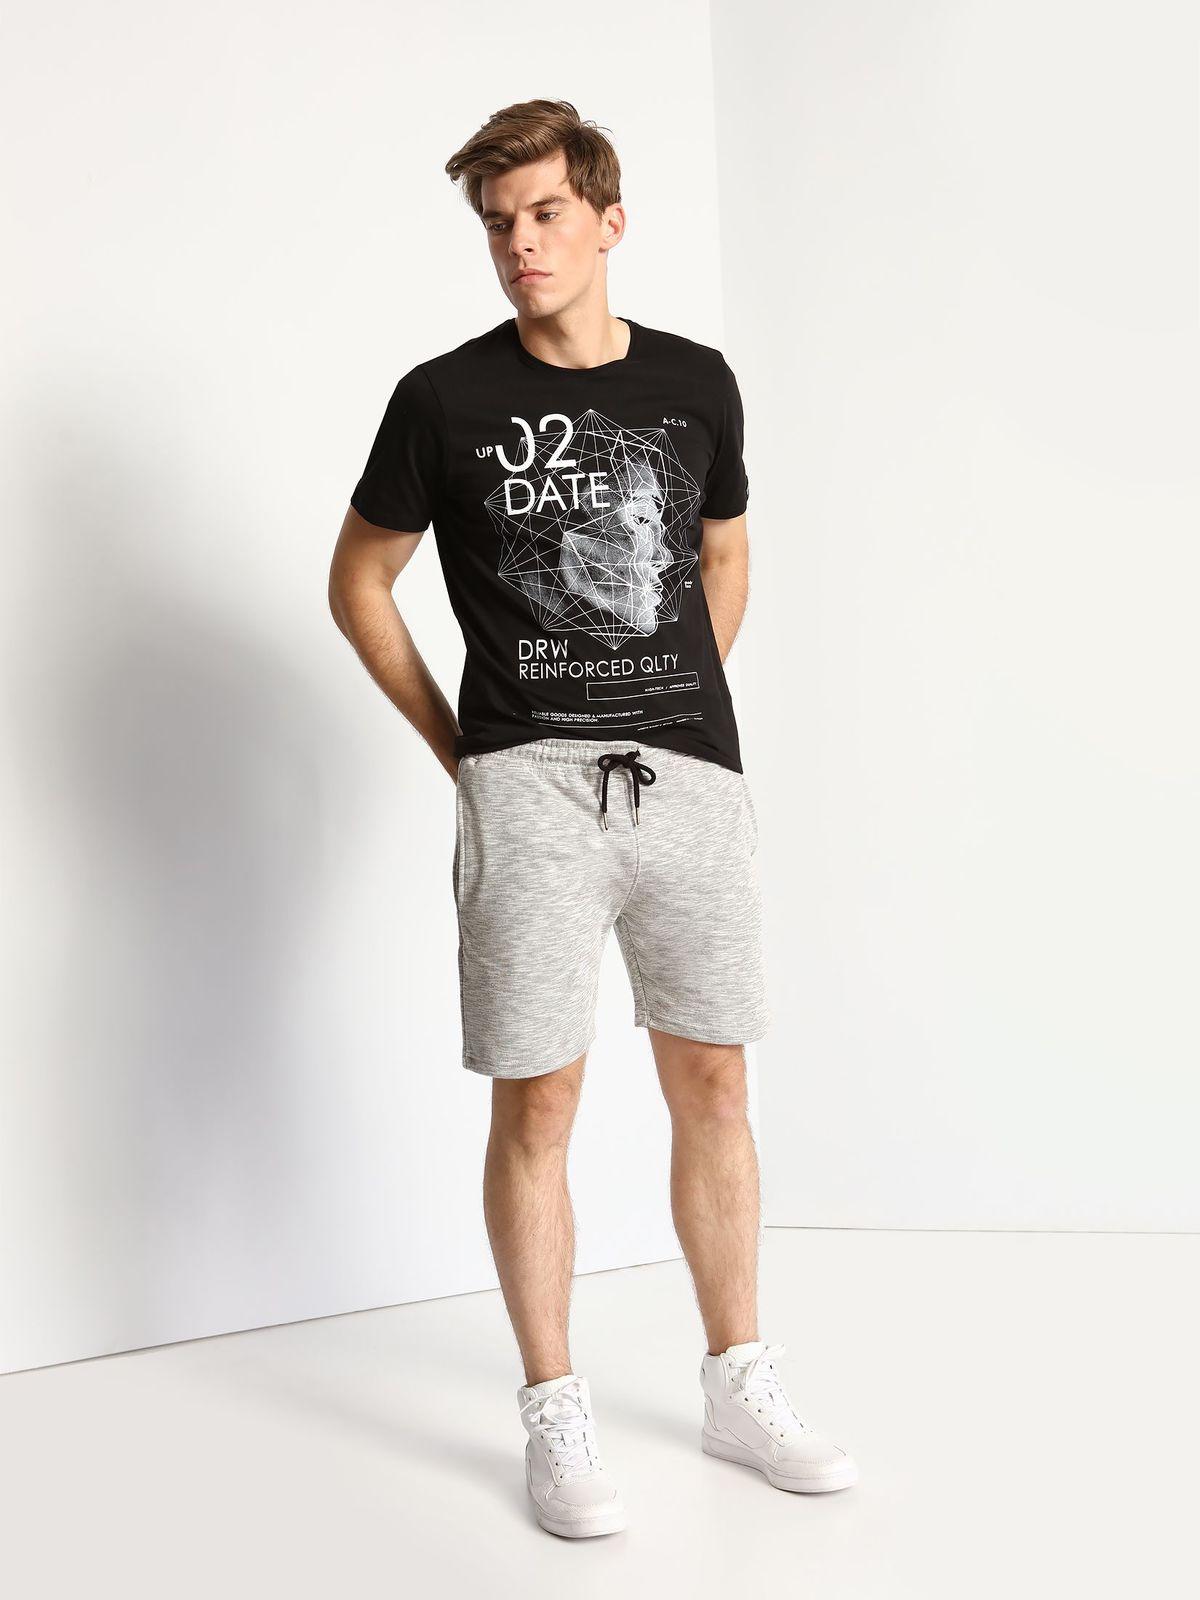 ФутболкаDPO0282CAМужская футболка Drywash выполнена из натурального хлопка. Модель с круглым вырезом горловины и короткими рукавами. Футболка оформлена оригинальной термоаппликацией и принтовыми надписями на английском языке.